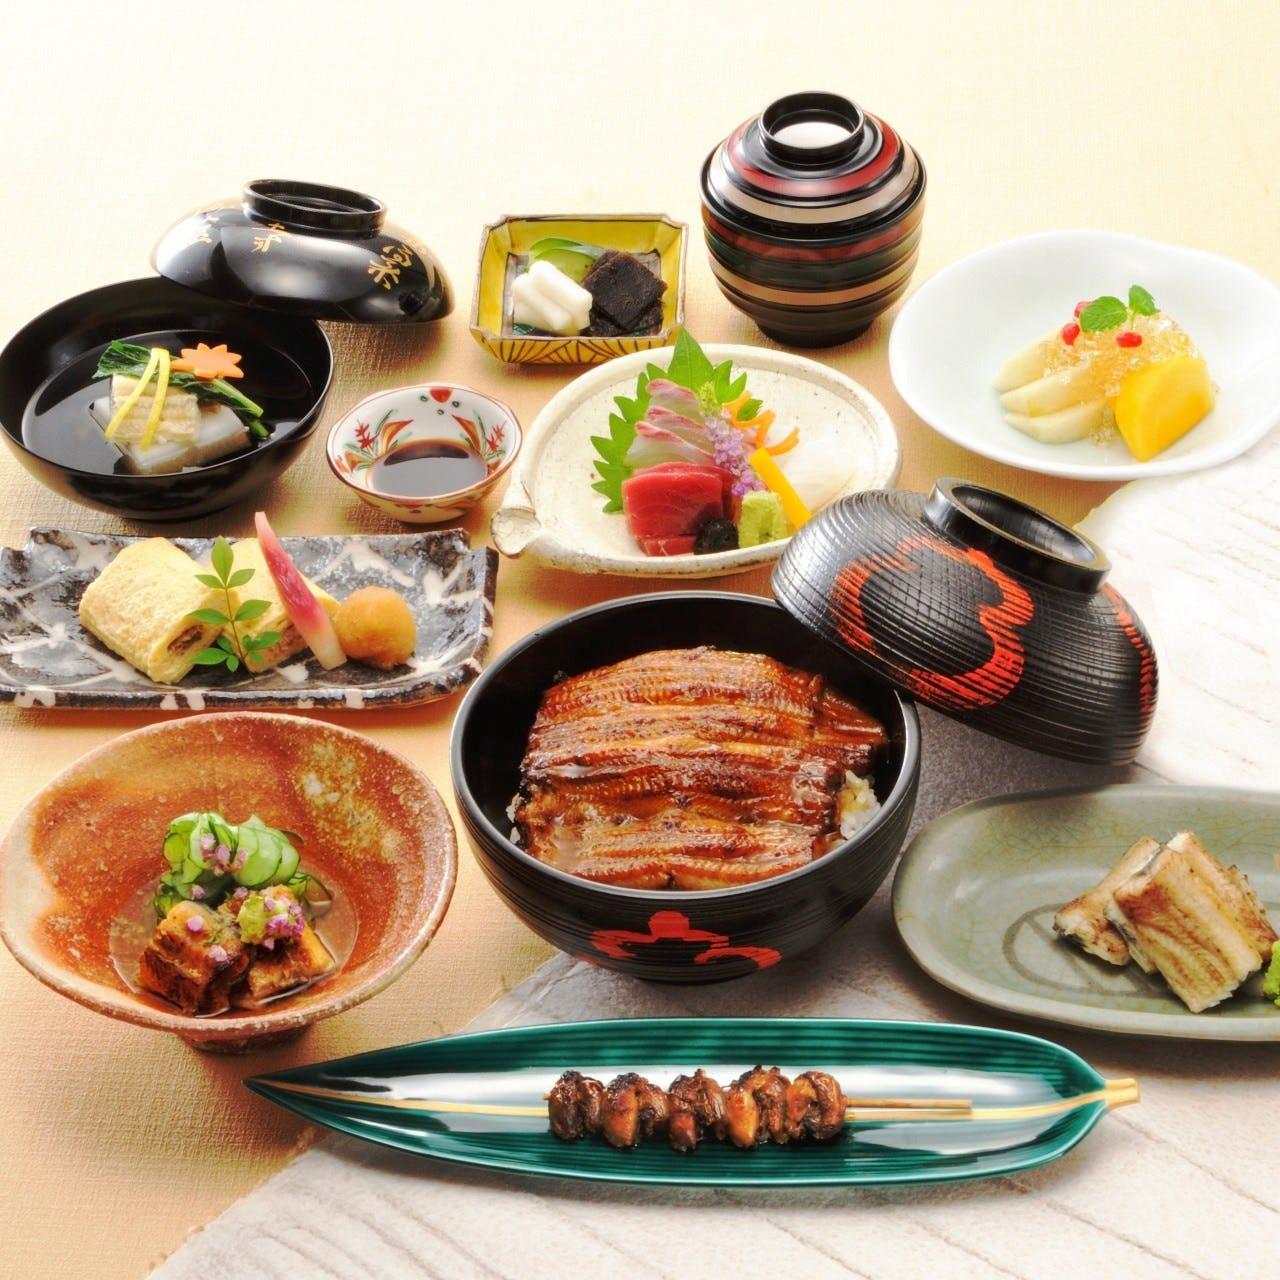 当店が誇る鰻料理尽くしのコースは6,200円(税抜)~ご用意